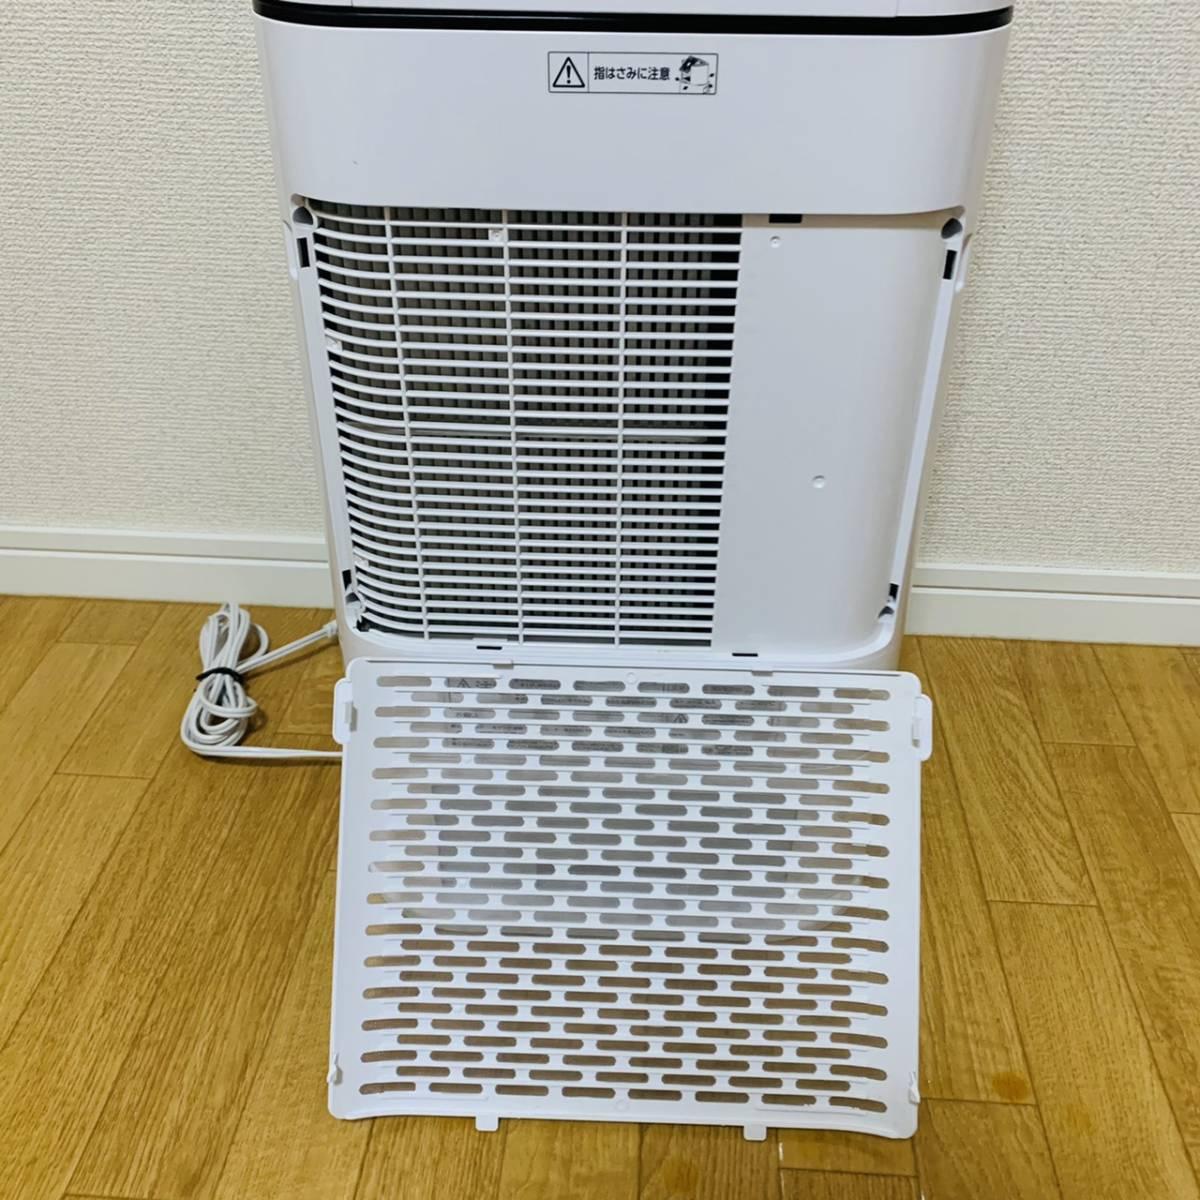 美品! アイリスオーヤマ IJD-I50 衣類乾燥除湿機 スピード乾燥 サーキュレーター機能付 デシカント式 ホワイト 扇風機 衣類乾燥機 送風_画像6